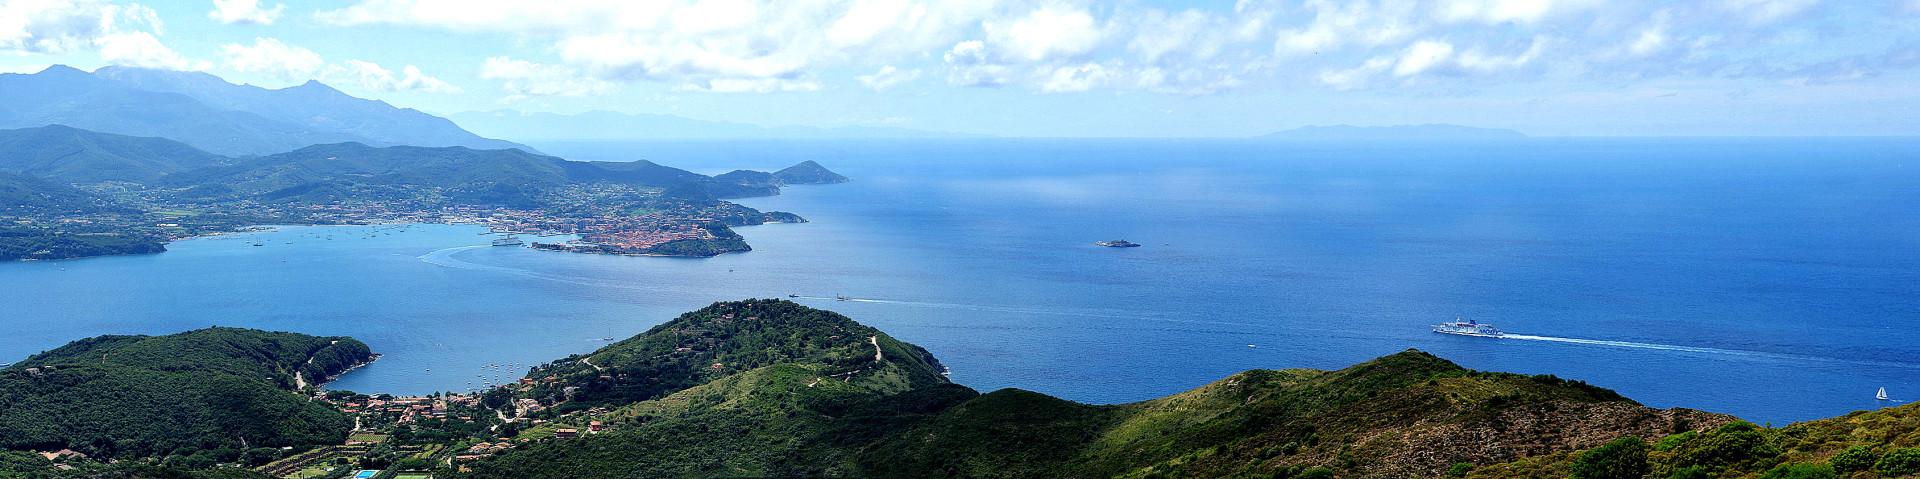 Portoferraio a nádherný pohled na celý záliv